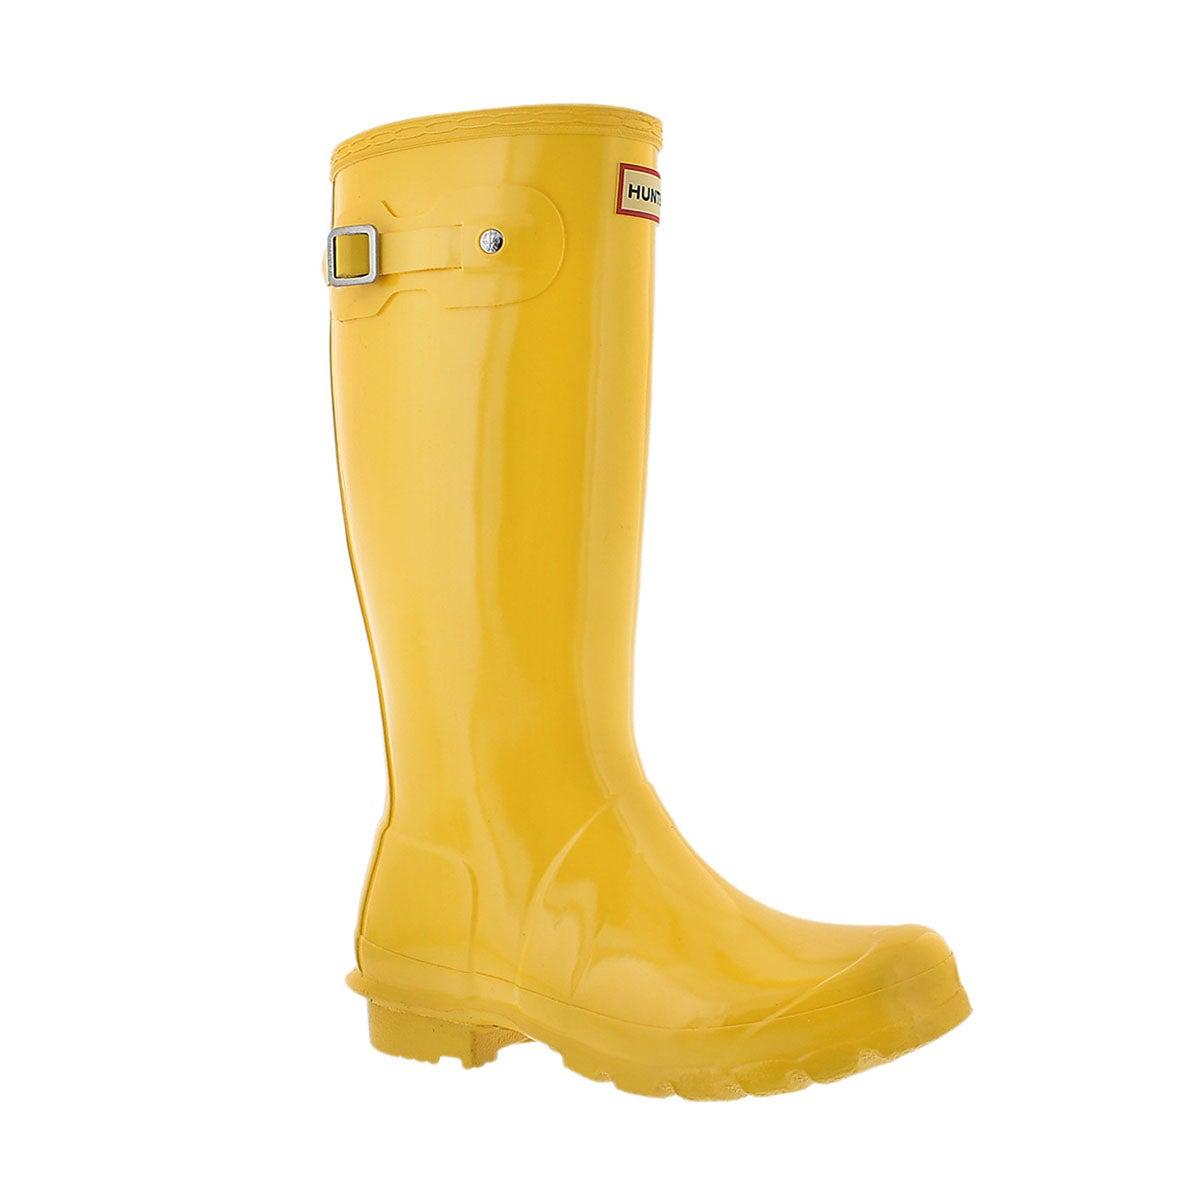 Girls' ORIGINAL GLOSS sunlight rain boots